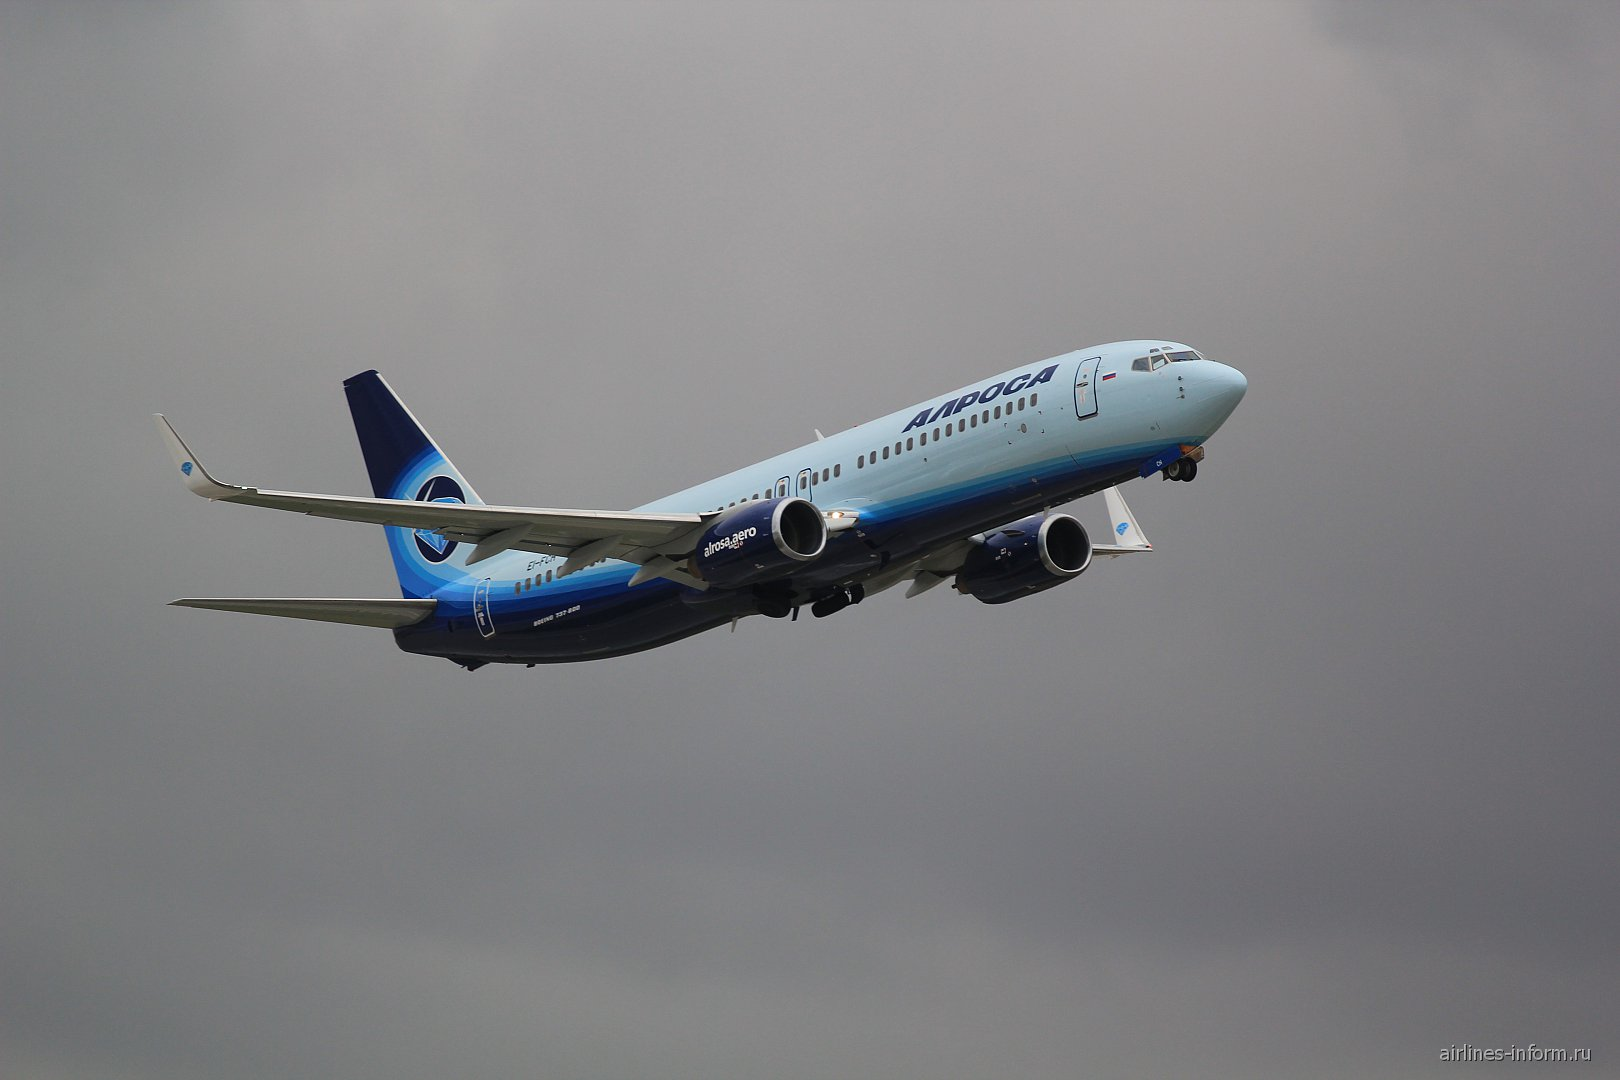 Взлет Boeing 737-800 авиакомпании